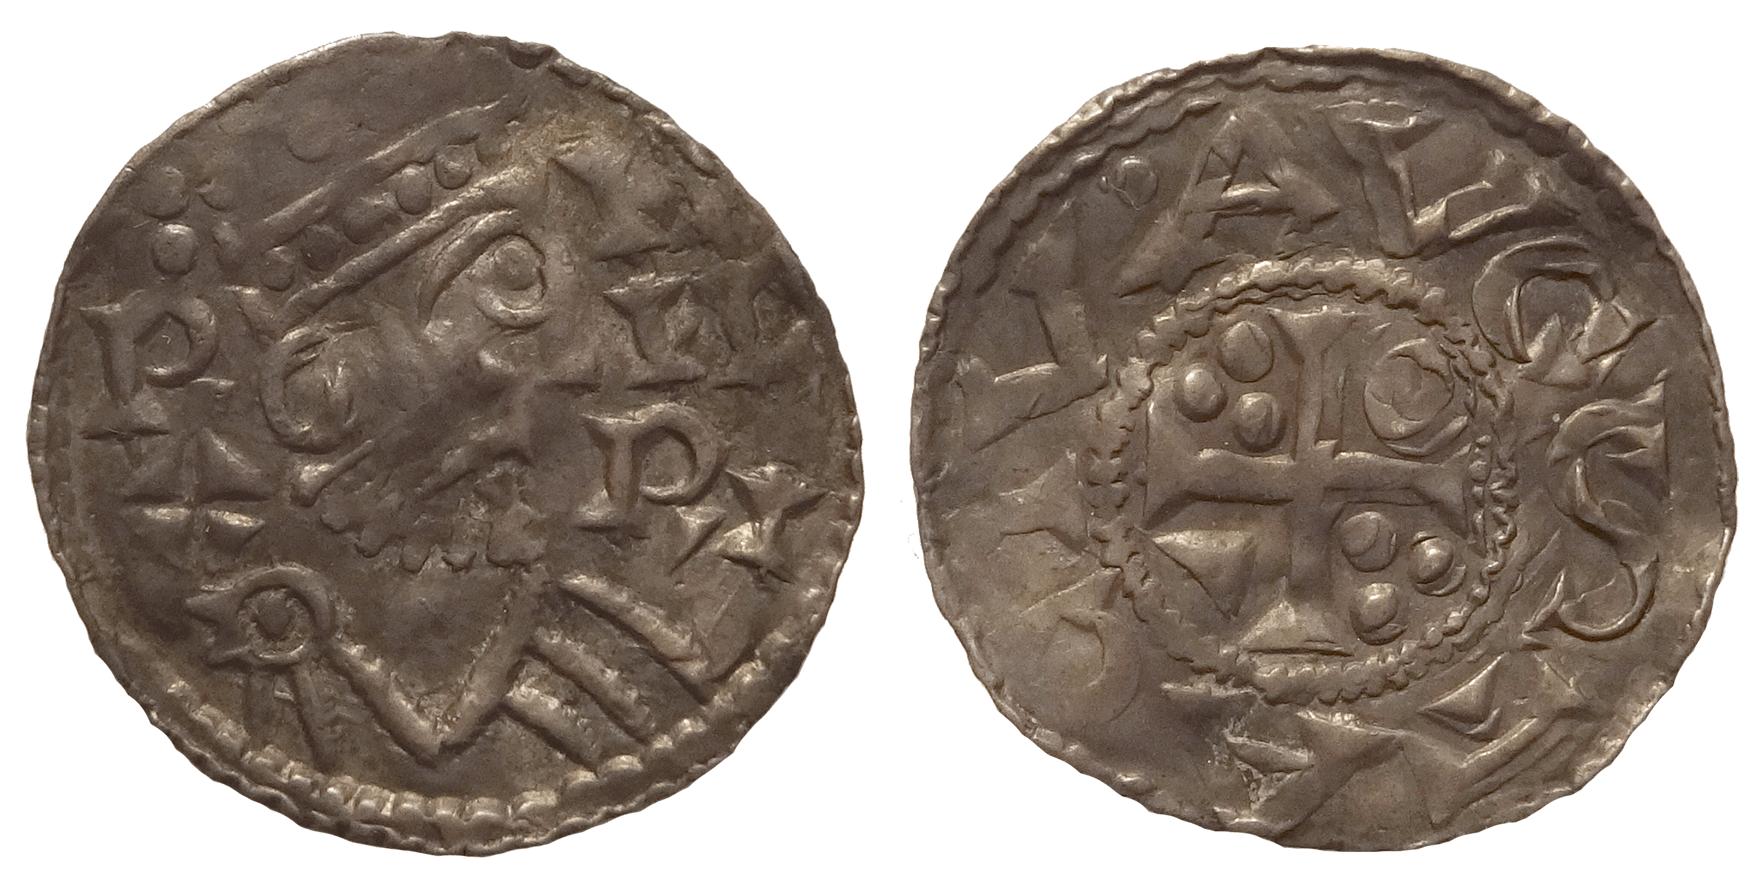 Германия, Аугсбург. Генрих II (1002–1024, император с 1014). Денарий